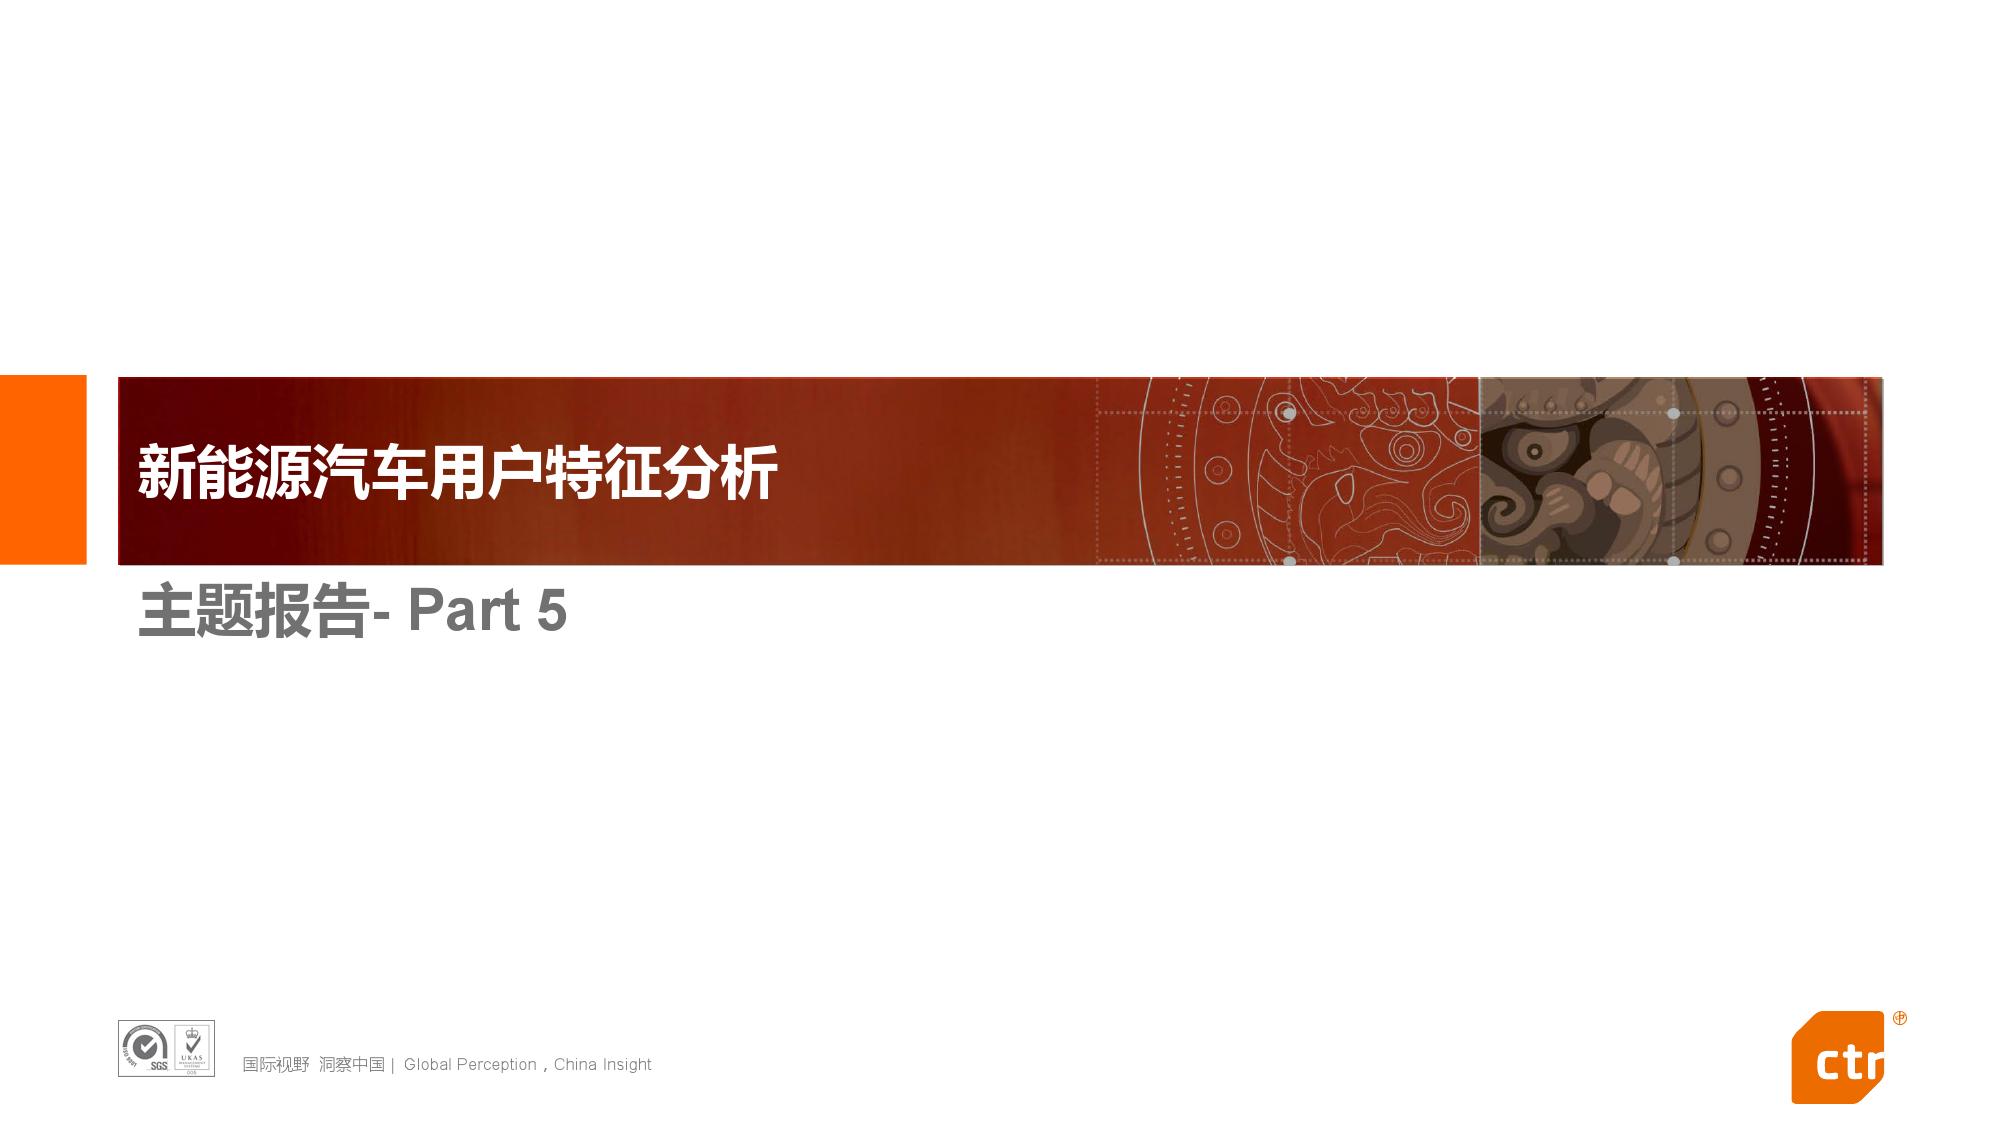 新能源汽车用户研究报告_000045